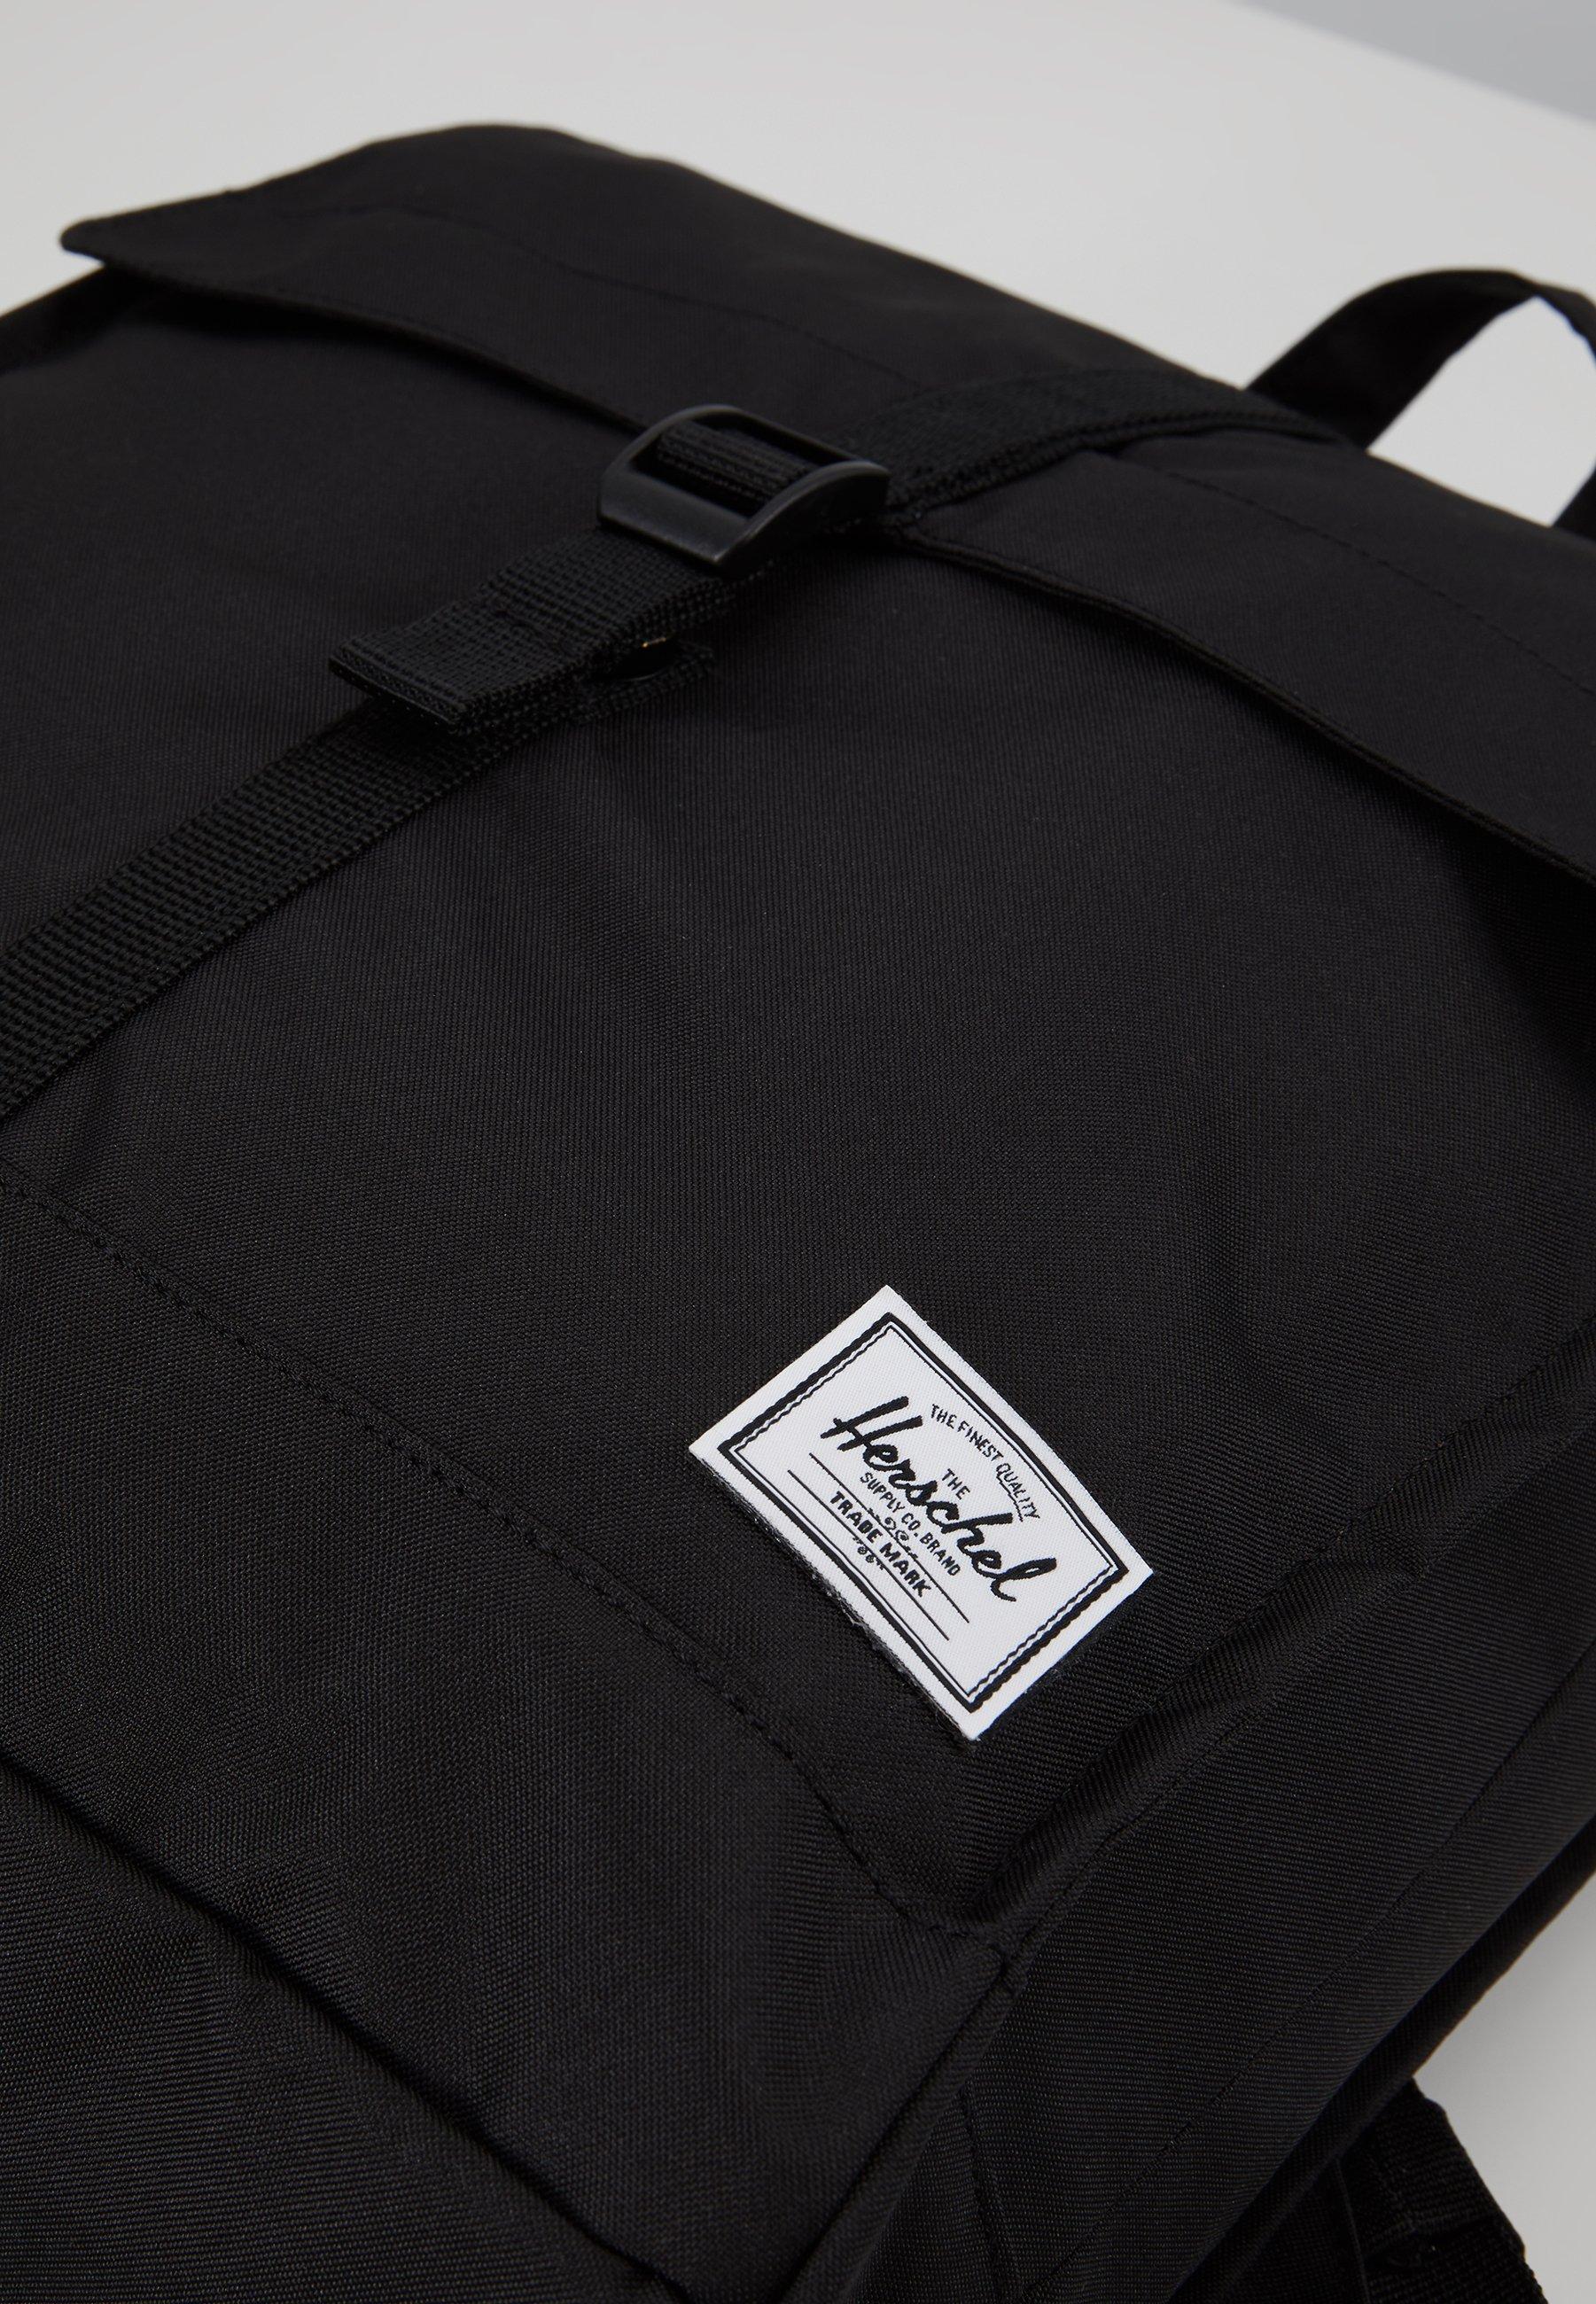 Herschel CITY MID VOLUME - Tagesrucksack - black/schwarz - Herrentaschen m0yLG